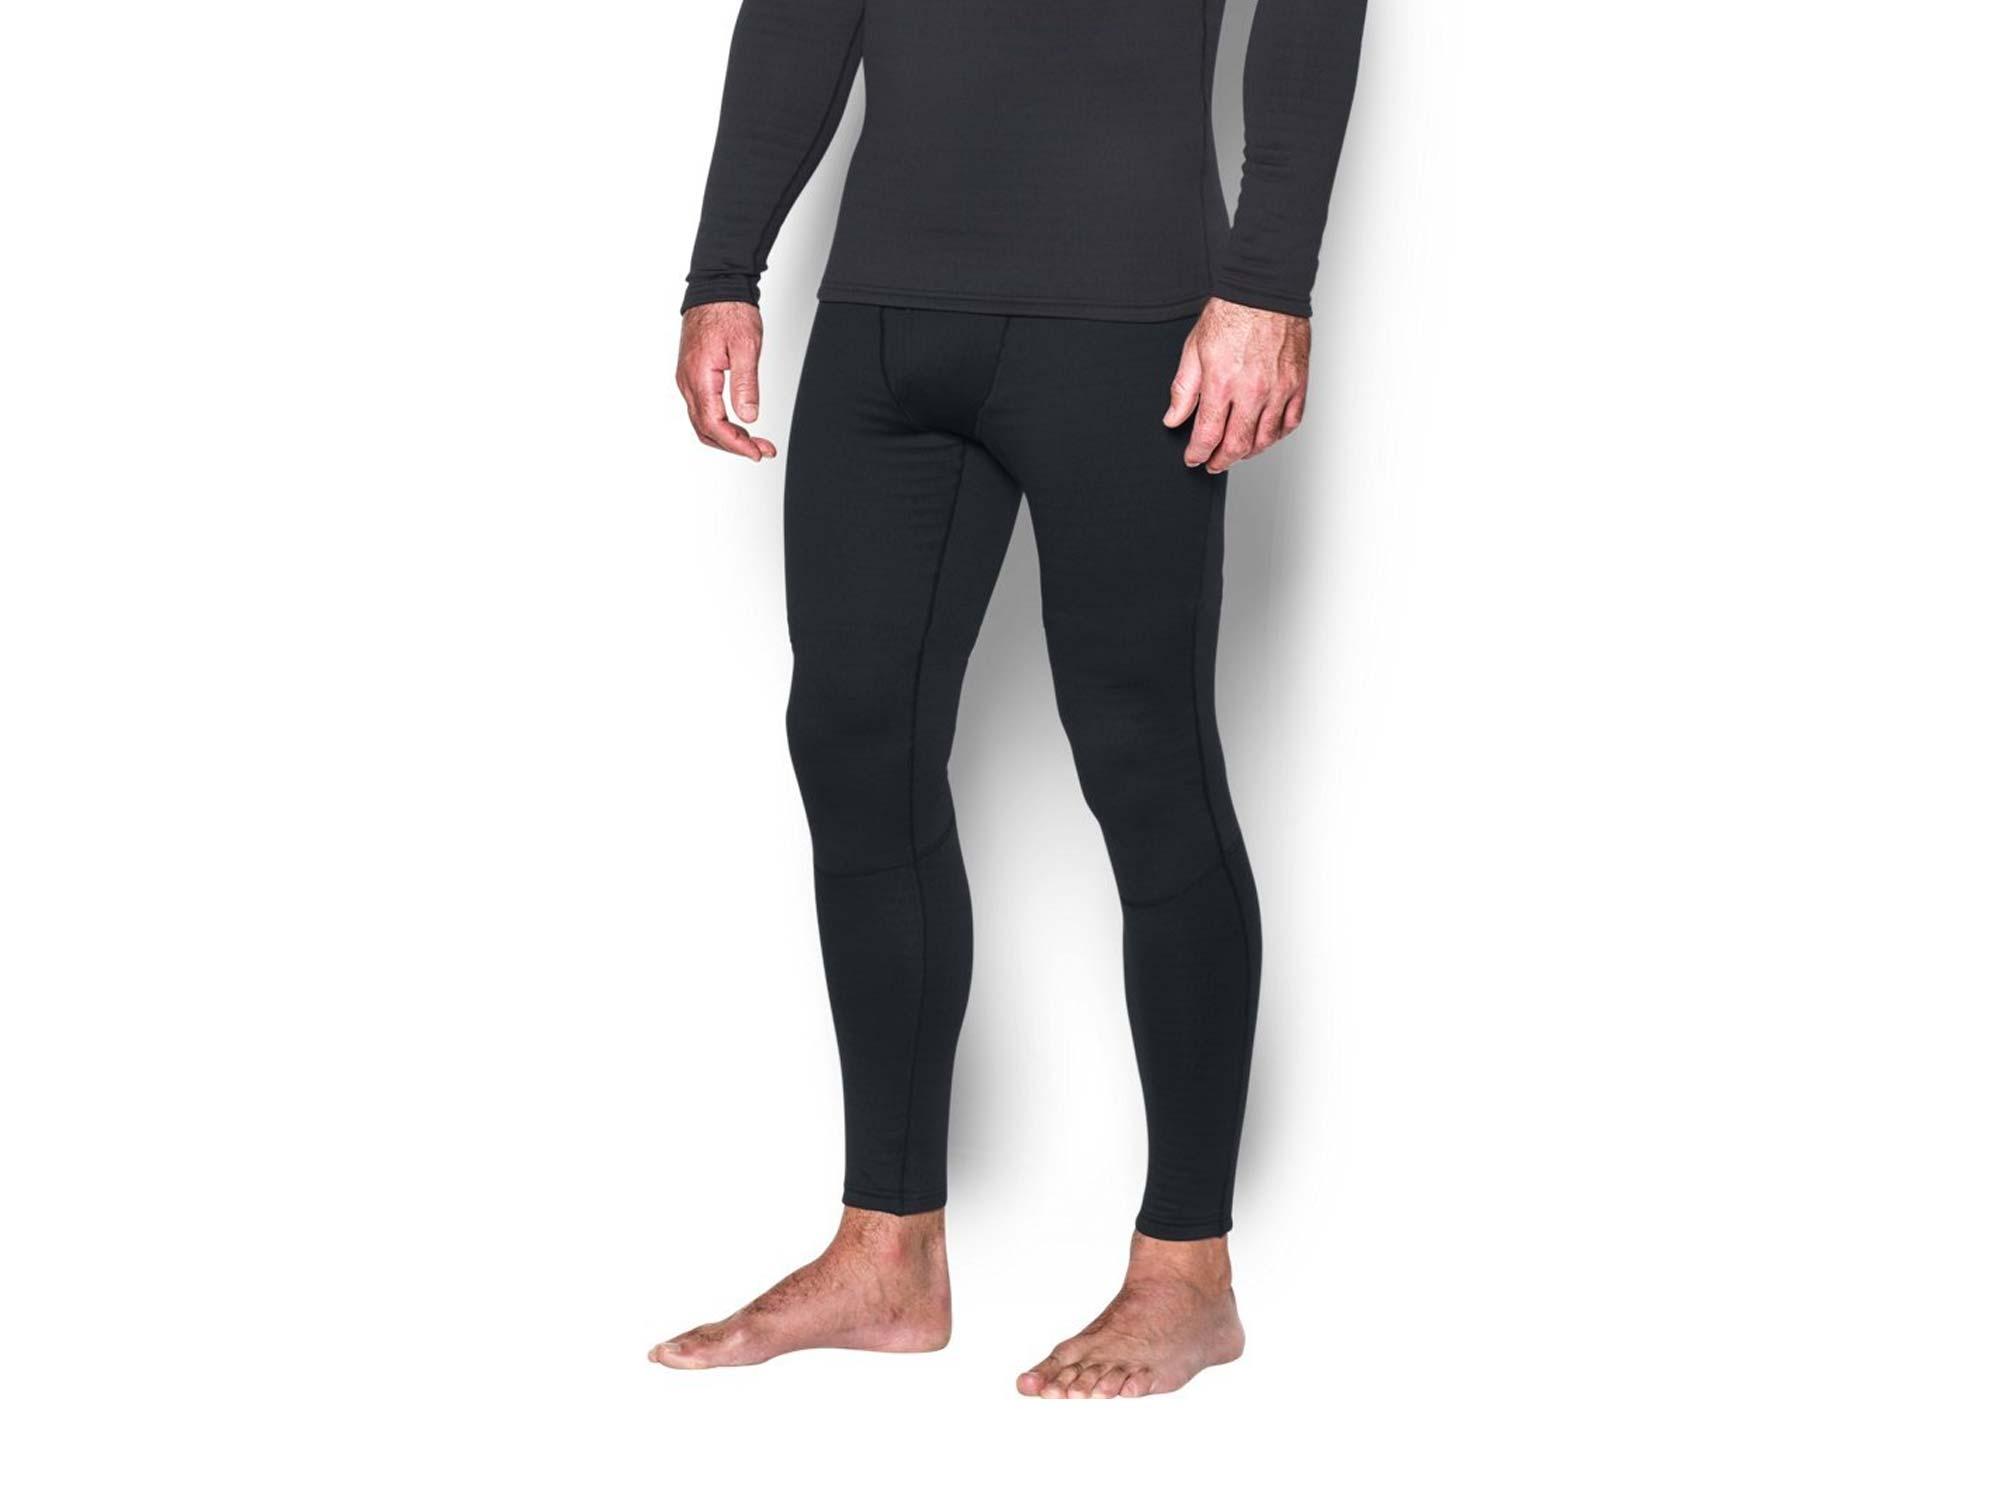 Man wearing black Under Armour leggings